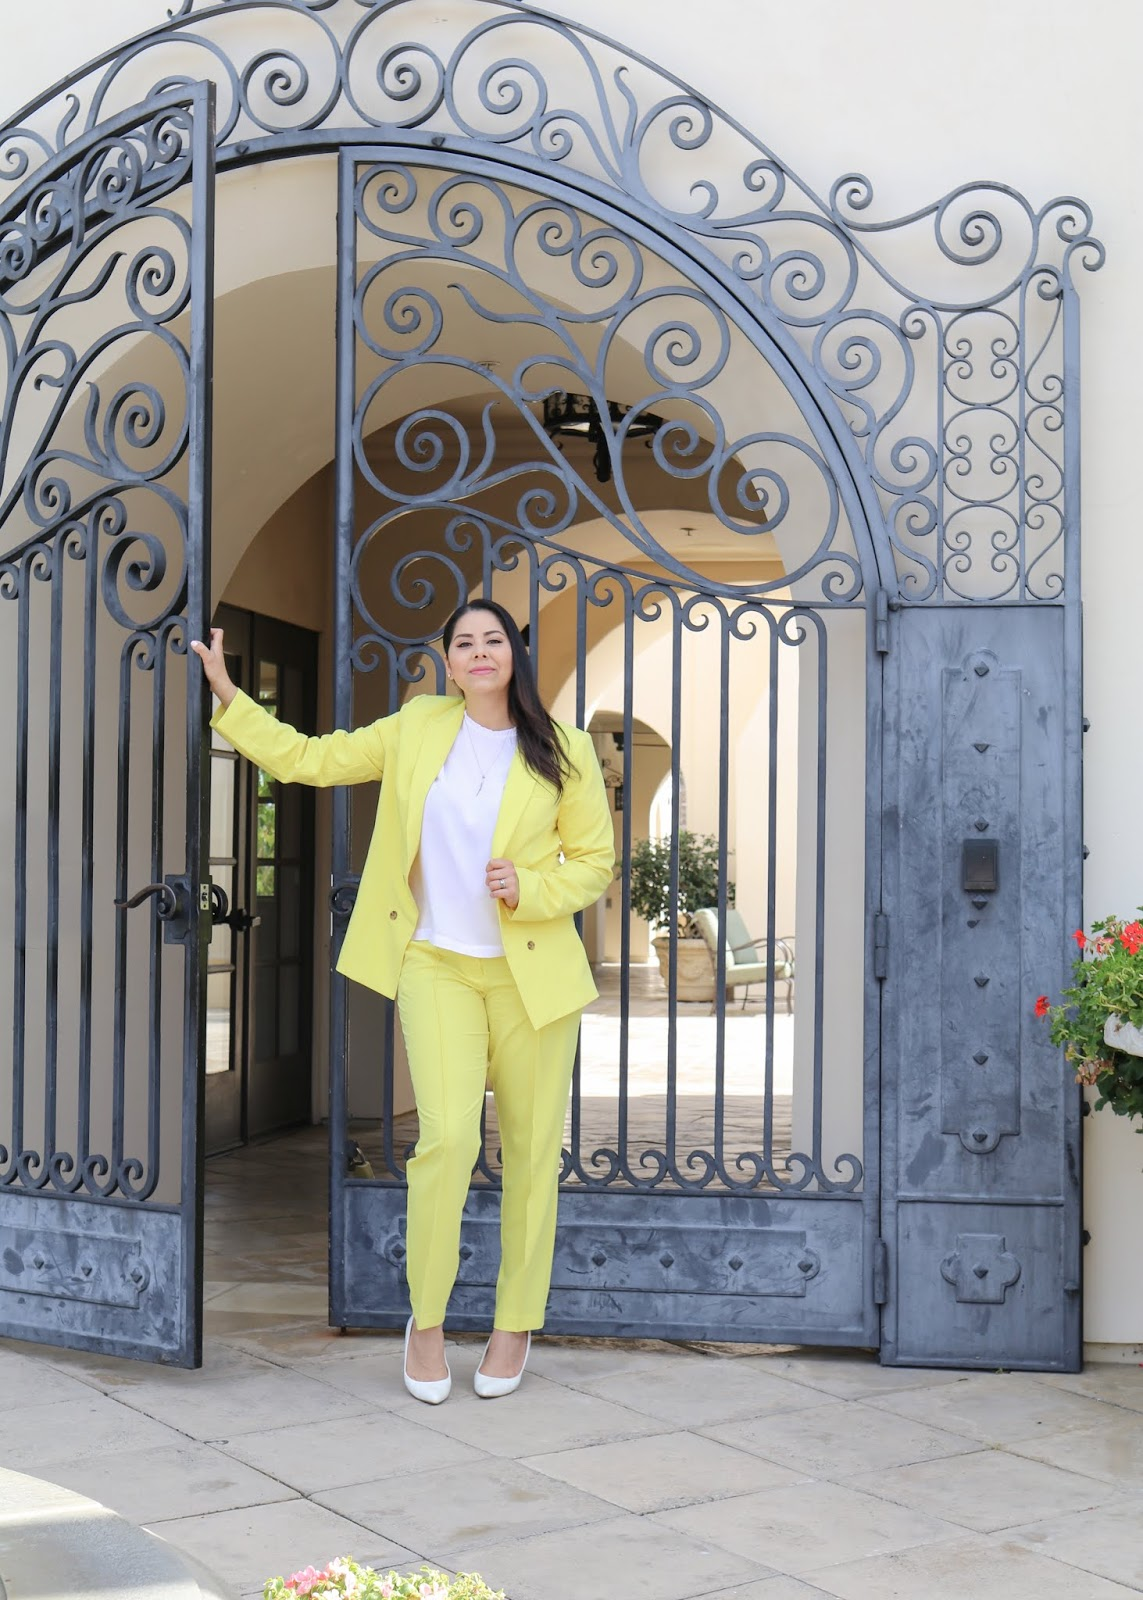 Fashion in San Diego, Spring fashion in San Diego